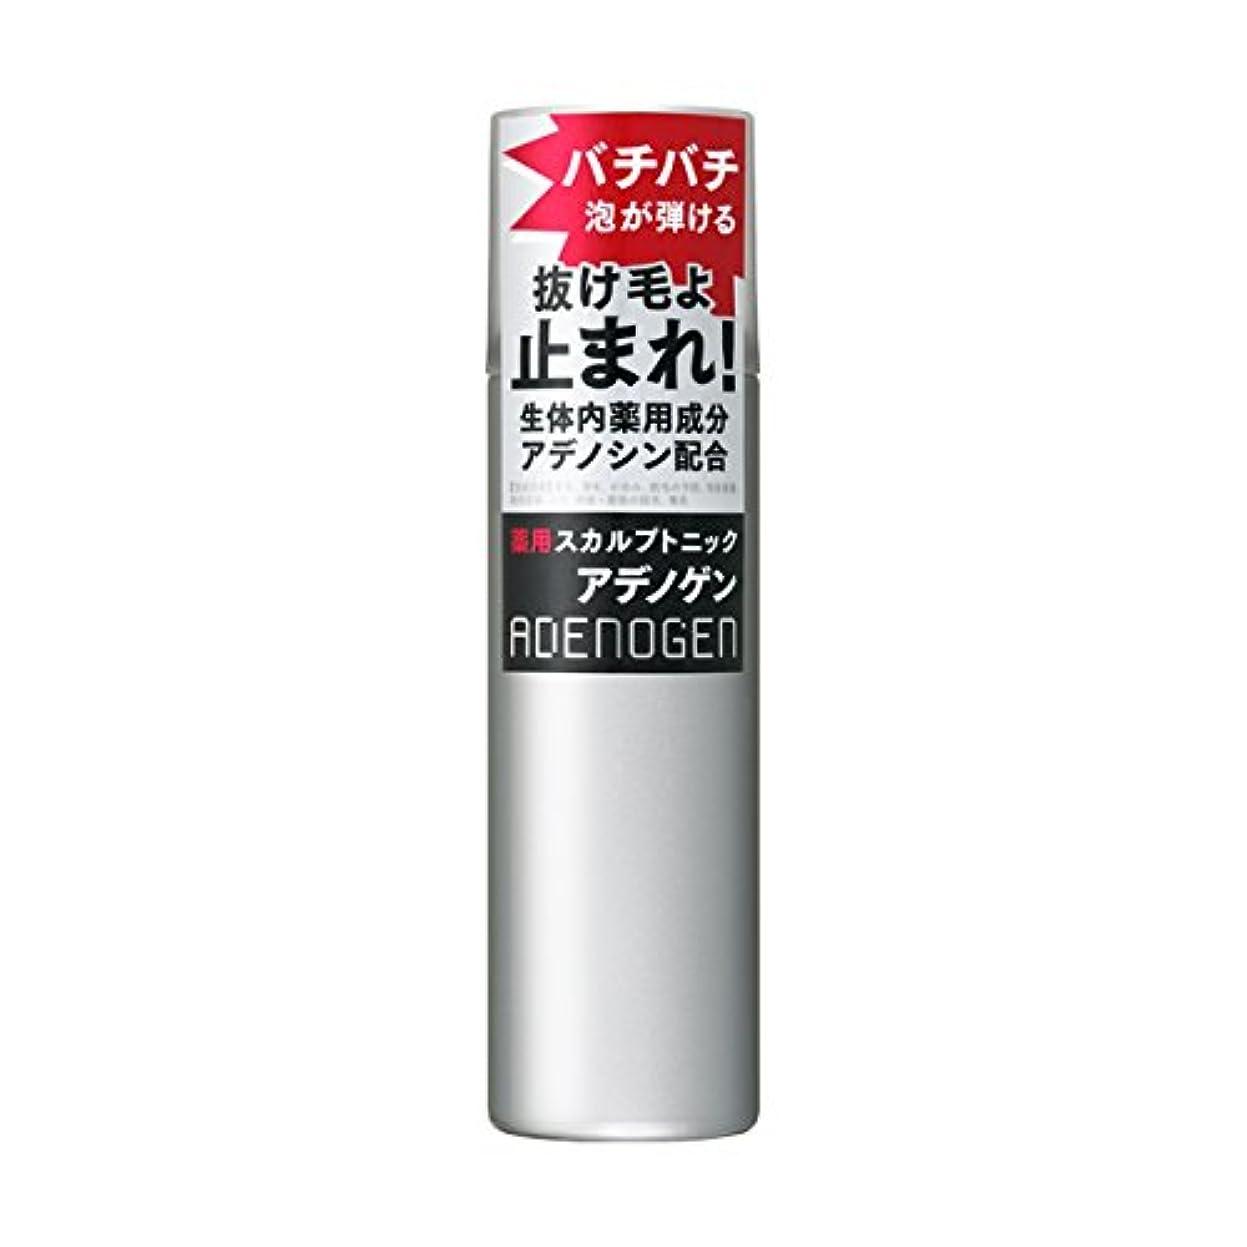 タック残り物正統派アデノゲン 薬用スカルプトニック 130g 【医薬部外品】